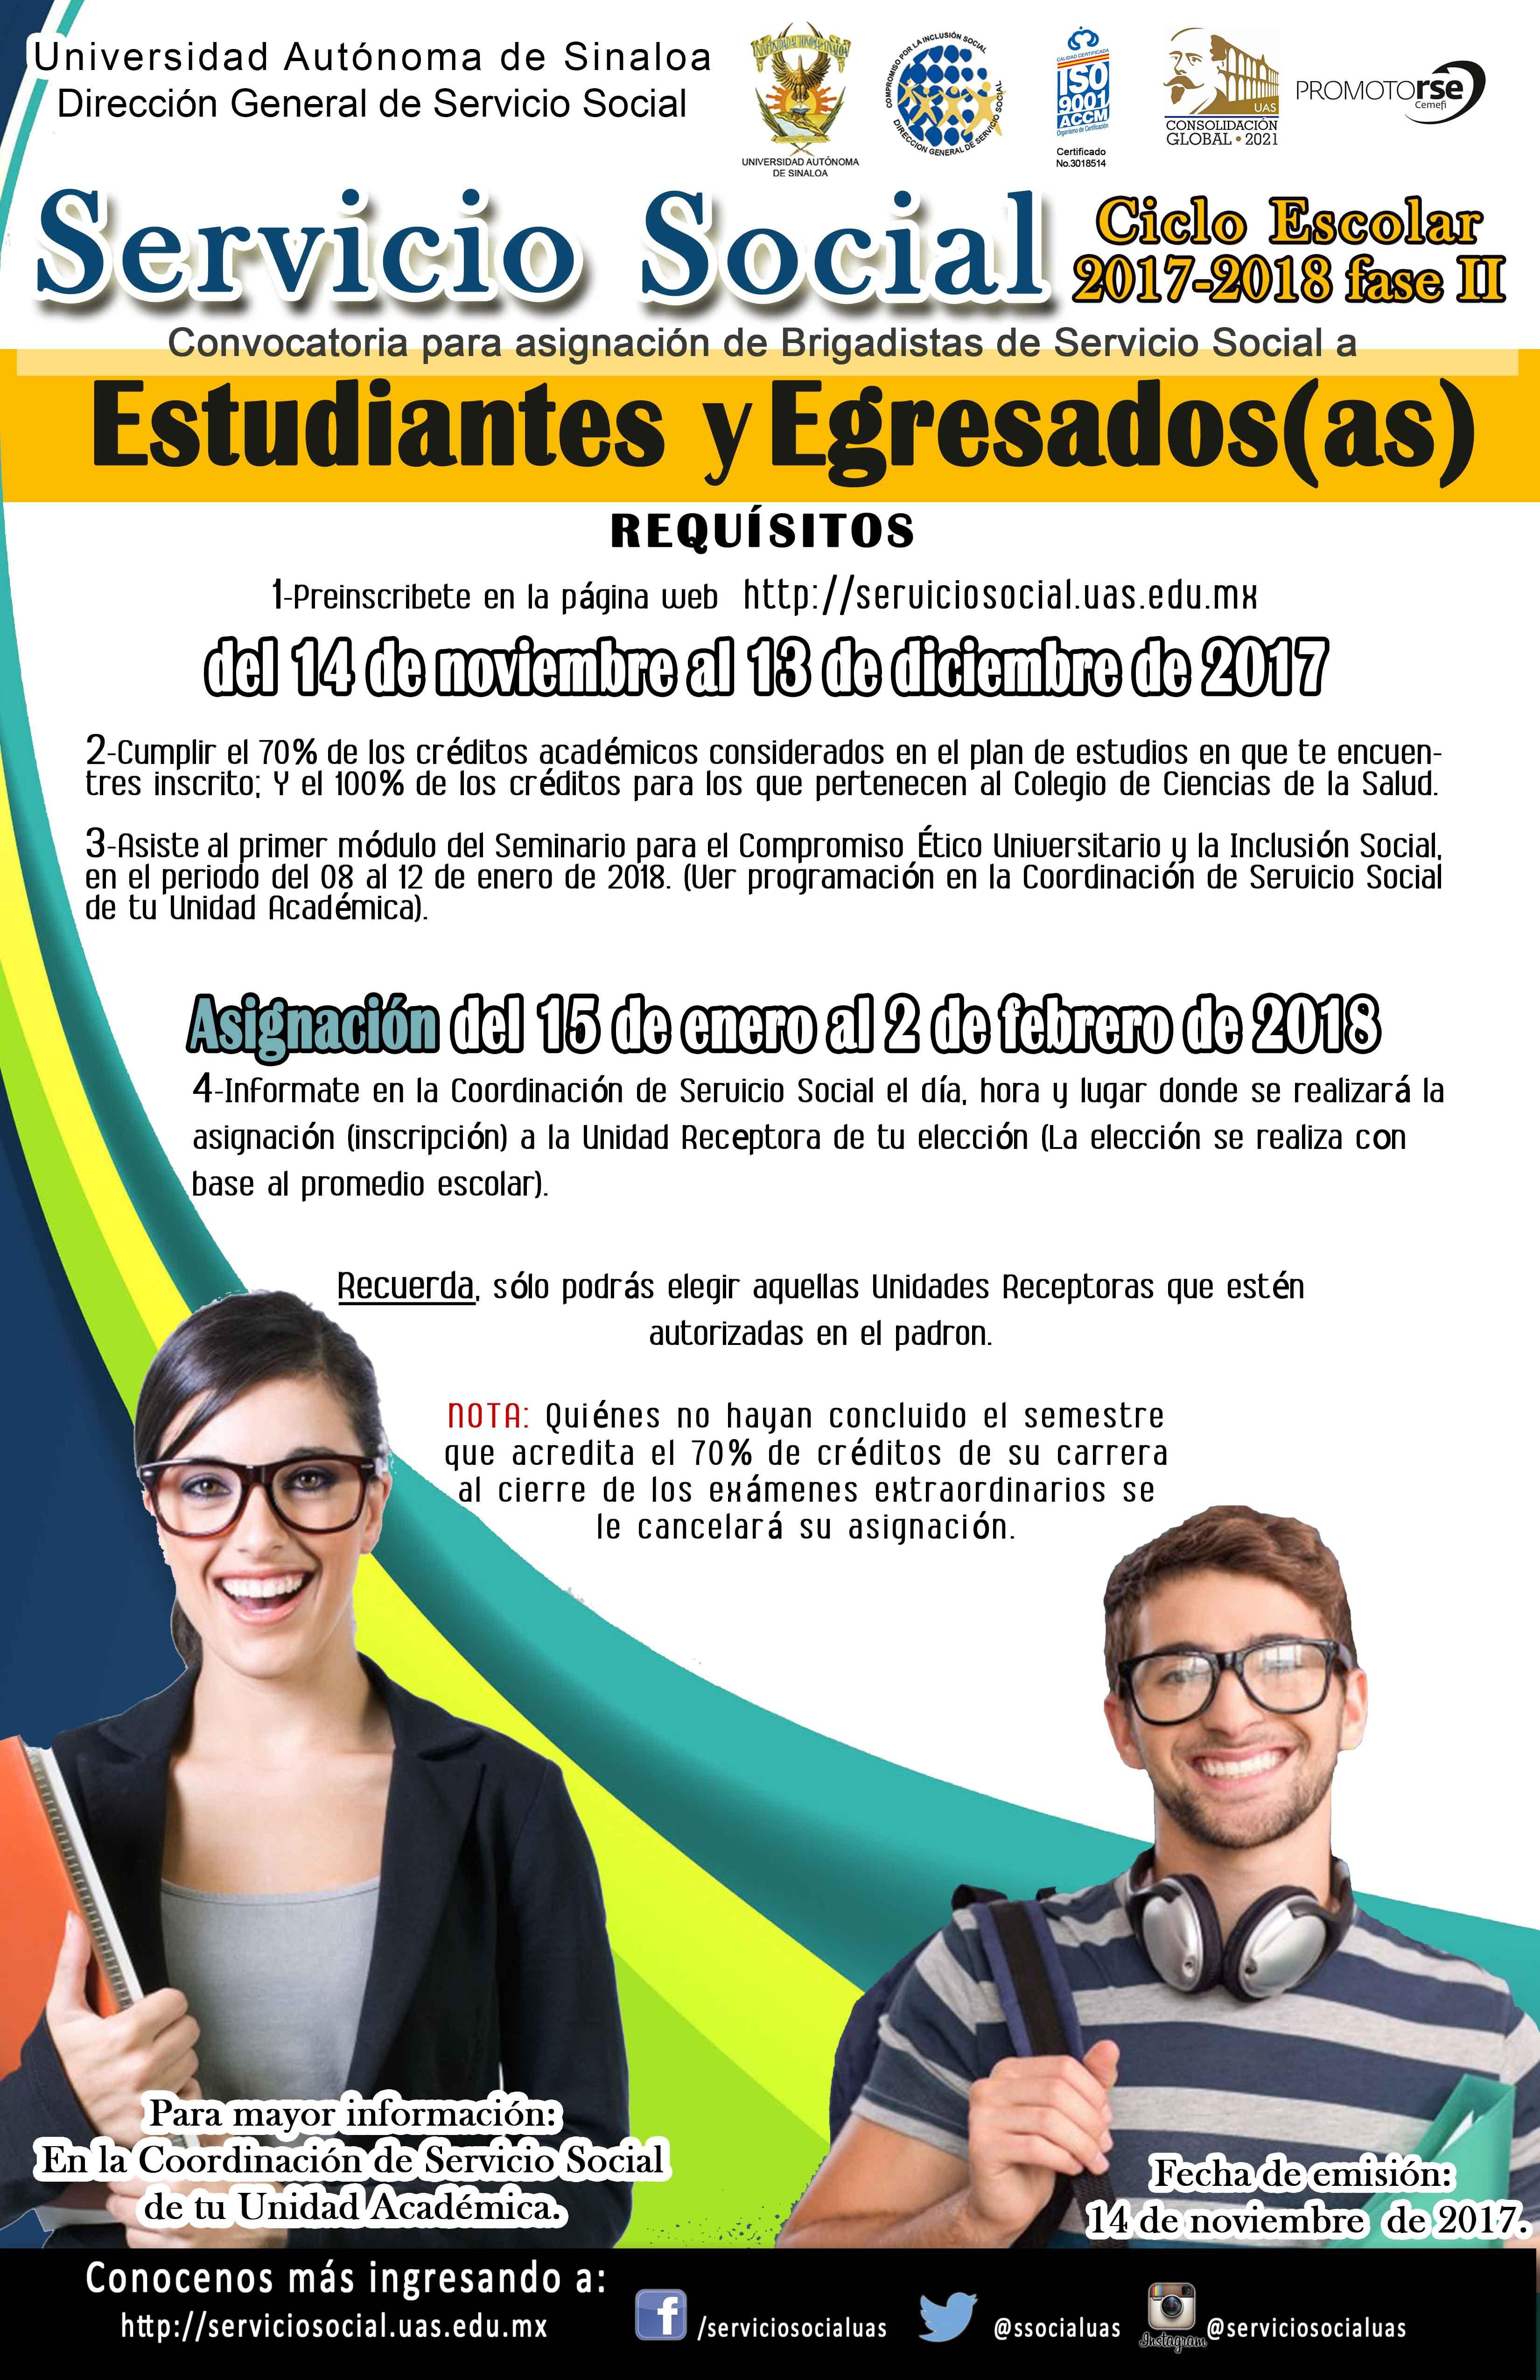 convoatoria-servicio-social-2017-2018-periodo-ii-estudiantes